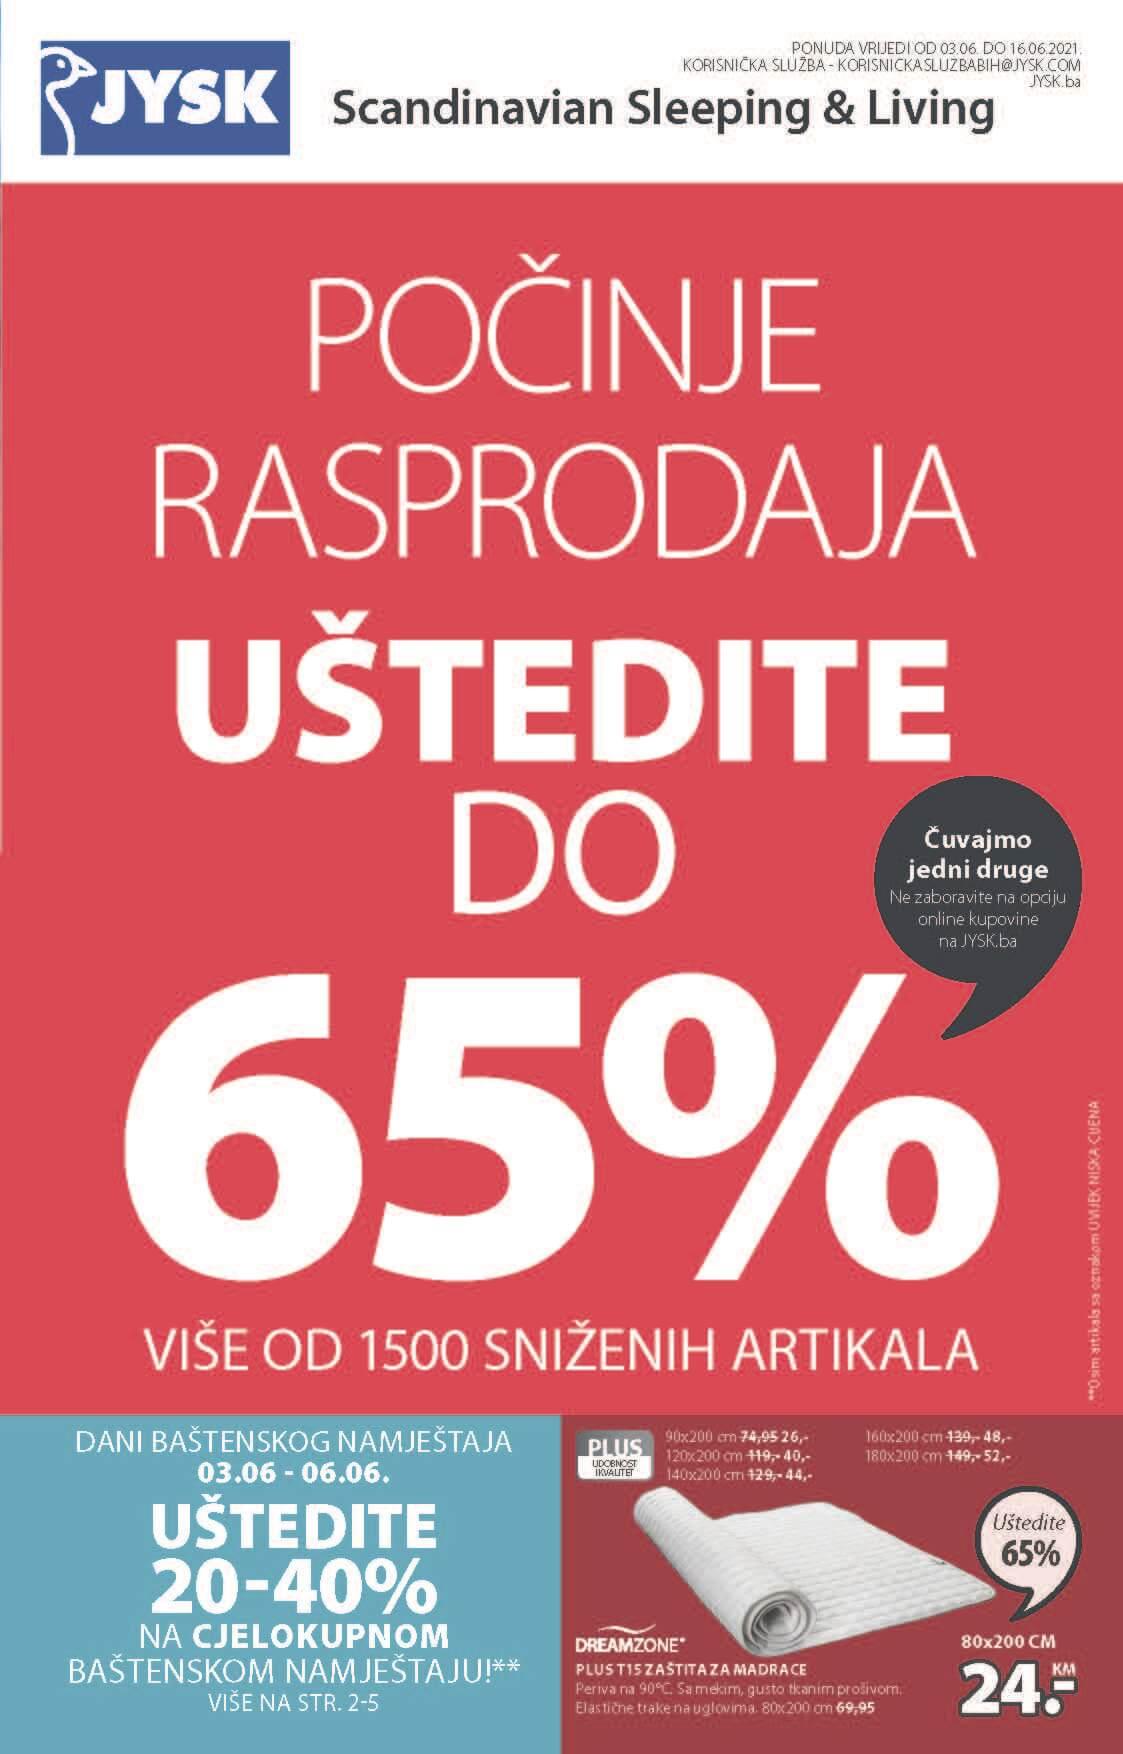 JYSK Katalog Akcijska rasprodaja JUN 2021 03.06. 16.06 eKatalozi.com PR Page 02 1